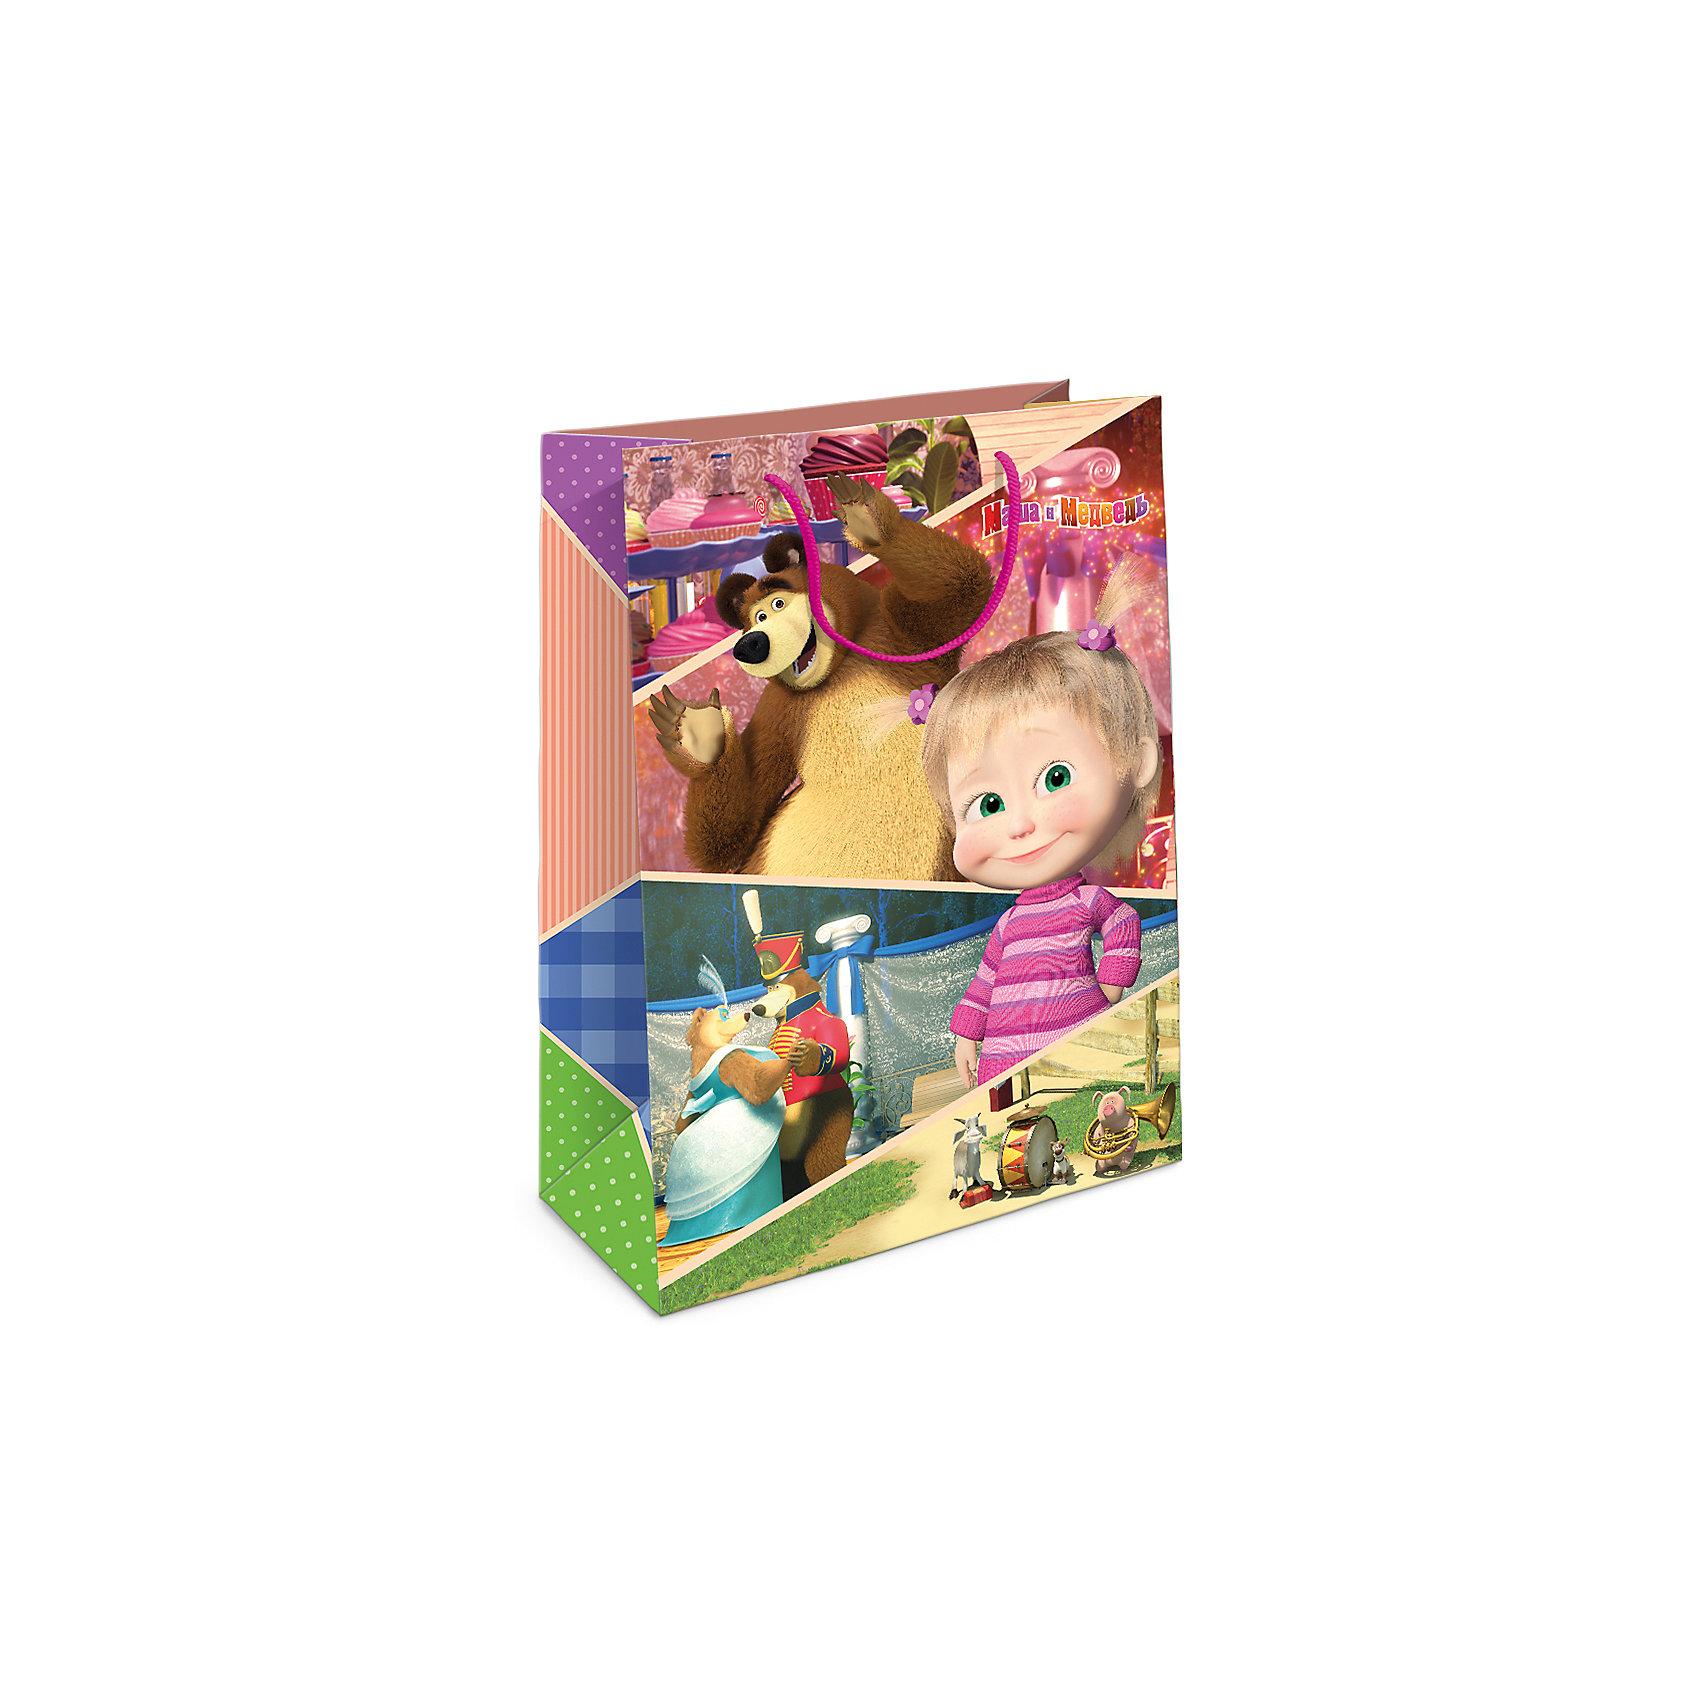 Пакет подарочный Маша и Миша 350*250*90Всё для праздника<br>Подарочный бумажный пакет с очаровательными героями мультфильма «Маша и Медведь» ярко украсит ваш подарок и обязательно порадует малыша. Размер: 35х25х9 см. В ассортименте вы сможете найти такой же пакет размером  23х18х10 см.<br><br>Ширина мм: 350<br>Глубина мм: 250<br>Высота мм: 3<br>Вес г: 78<br>Возраст от месяцев: 36<br>Возраст до месяцев: 120<br>Пол: Унисекс<br>Возраст: Детский<br>SKU: 5016441